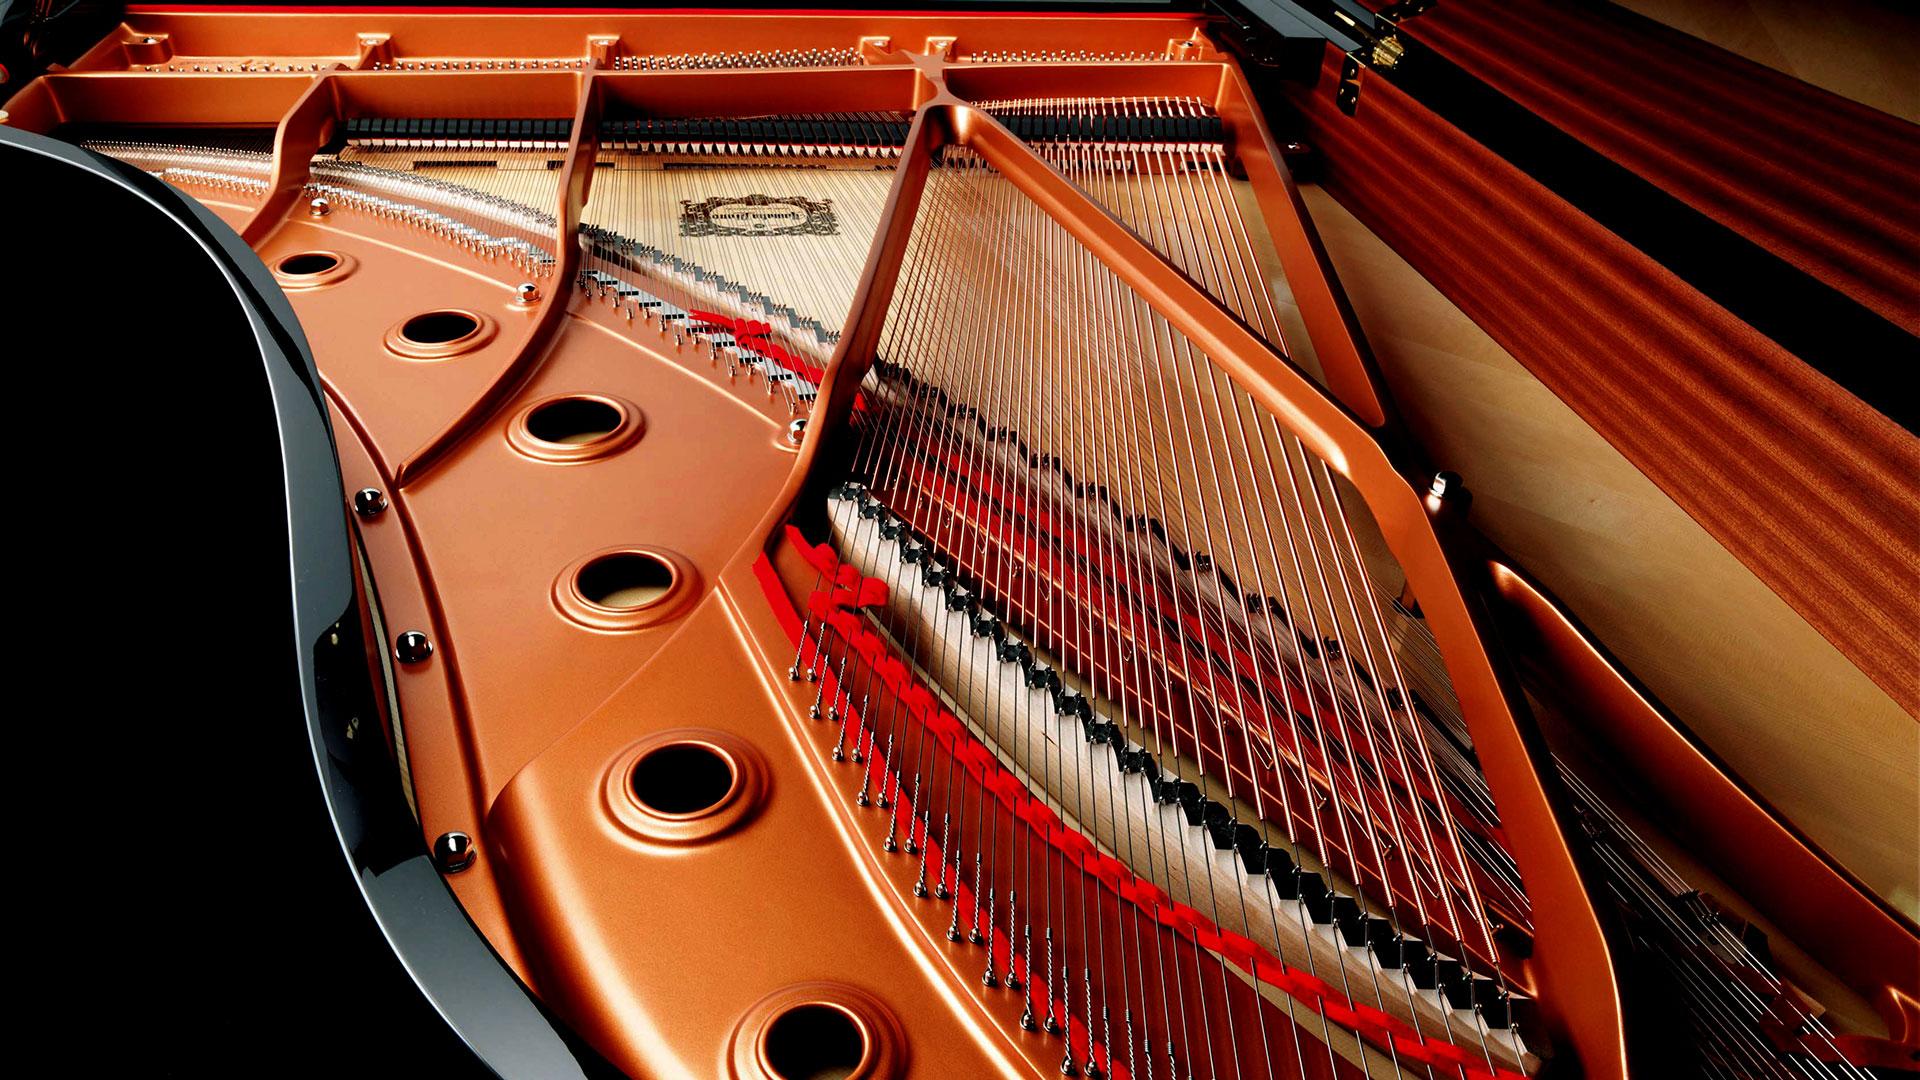 расположен берегу дека пианино фото тысячу дней тысячу